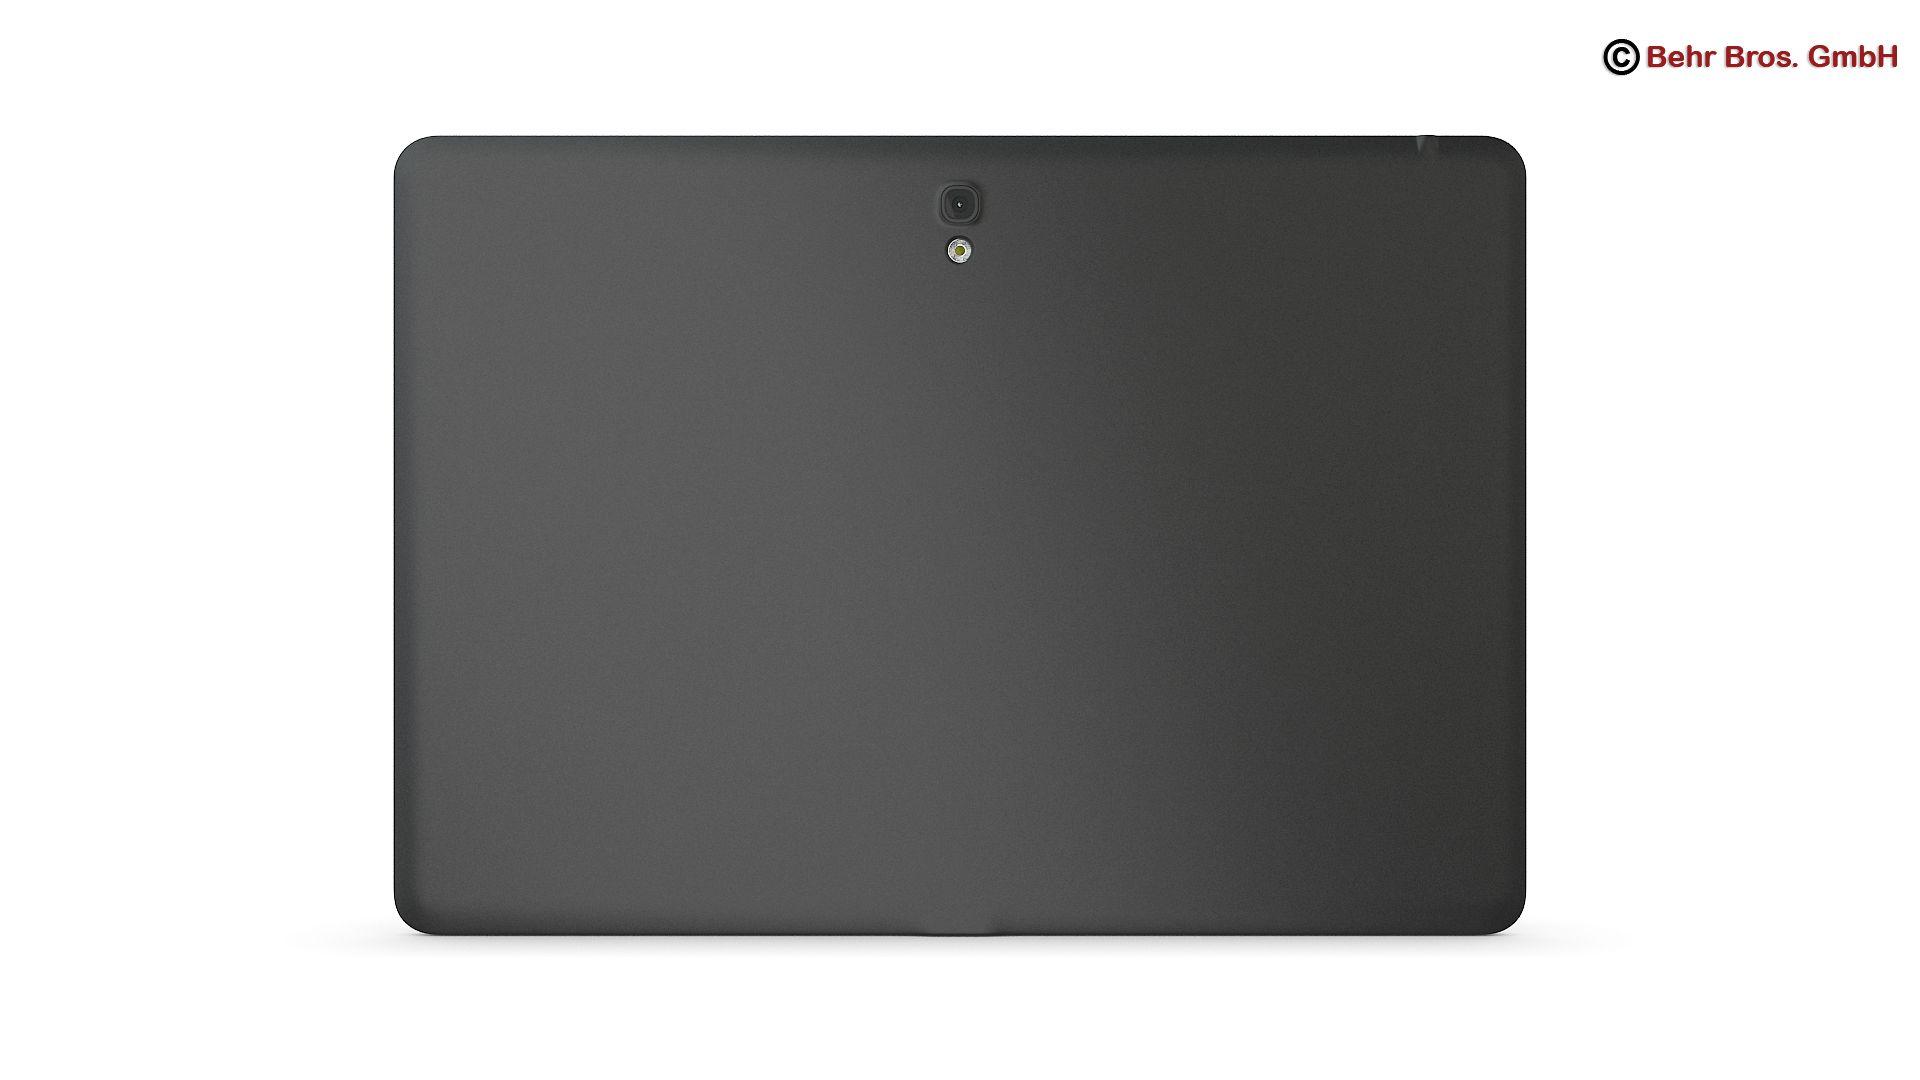 generic tablet 10.1 inch 3d model 3ds max fbx c4d lwo ma mb obj 162881